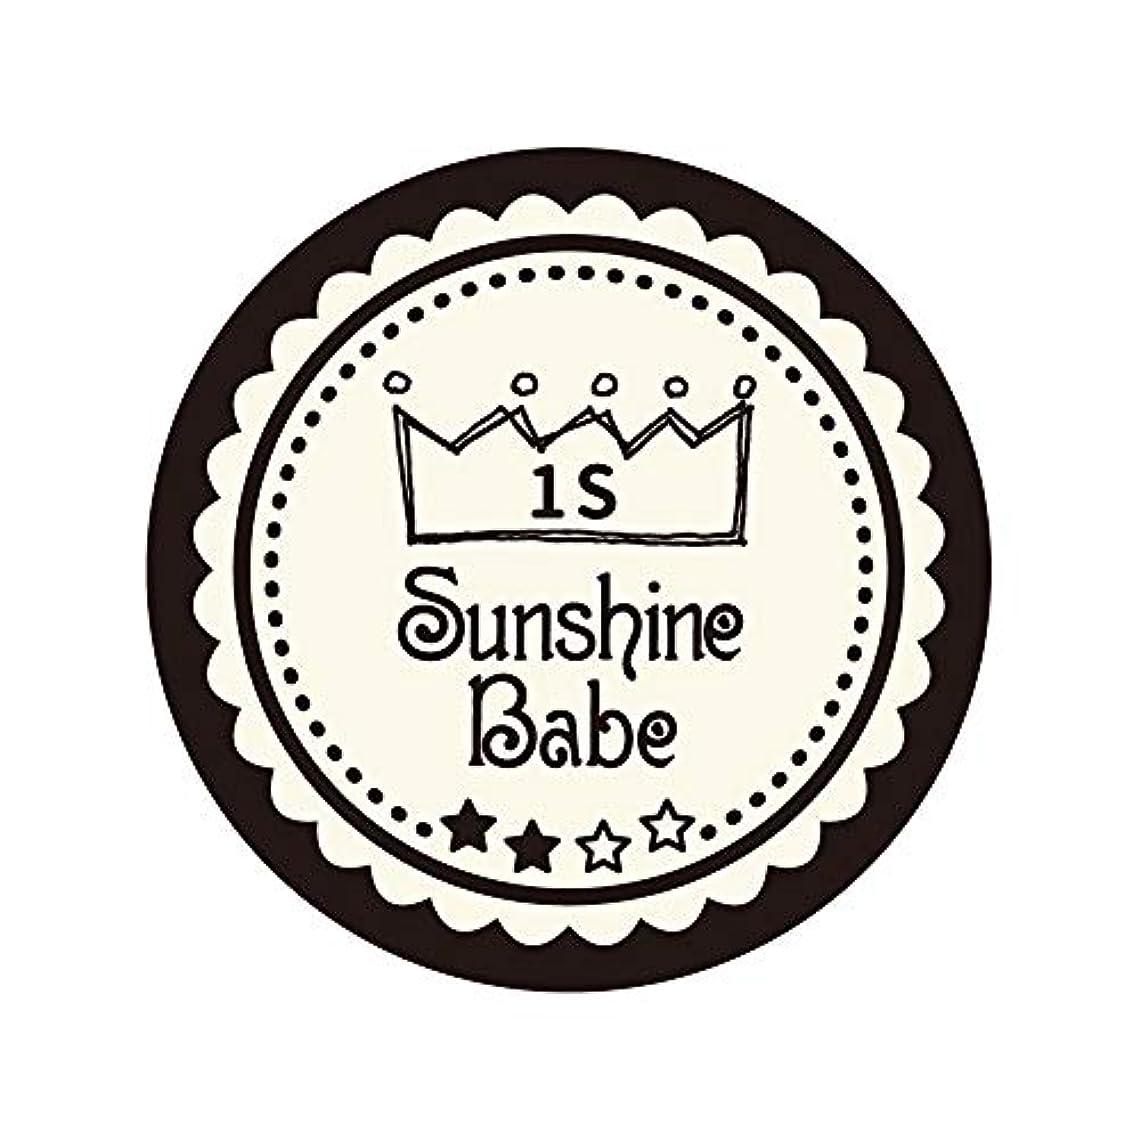 イヤホンうがい薬慣性Sunshine Babe カラージェル 1S ココナッツミルク 2.7g UV/LED対応